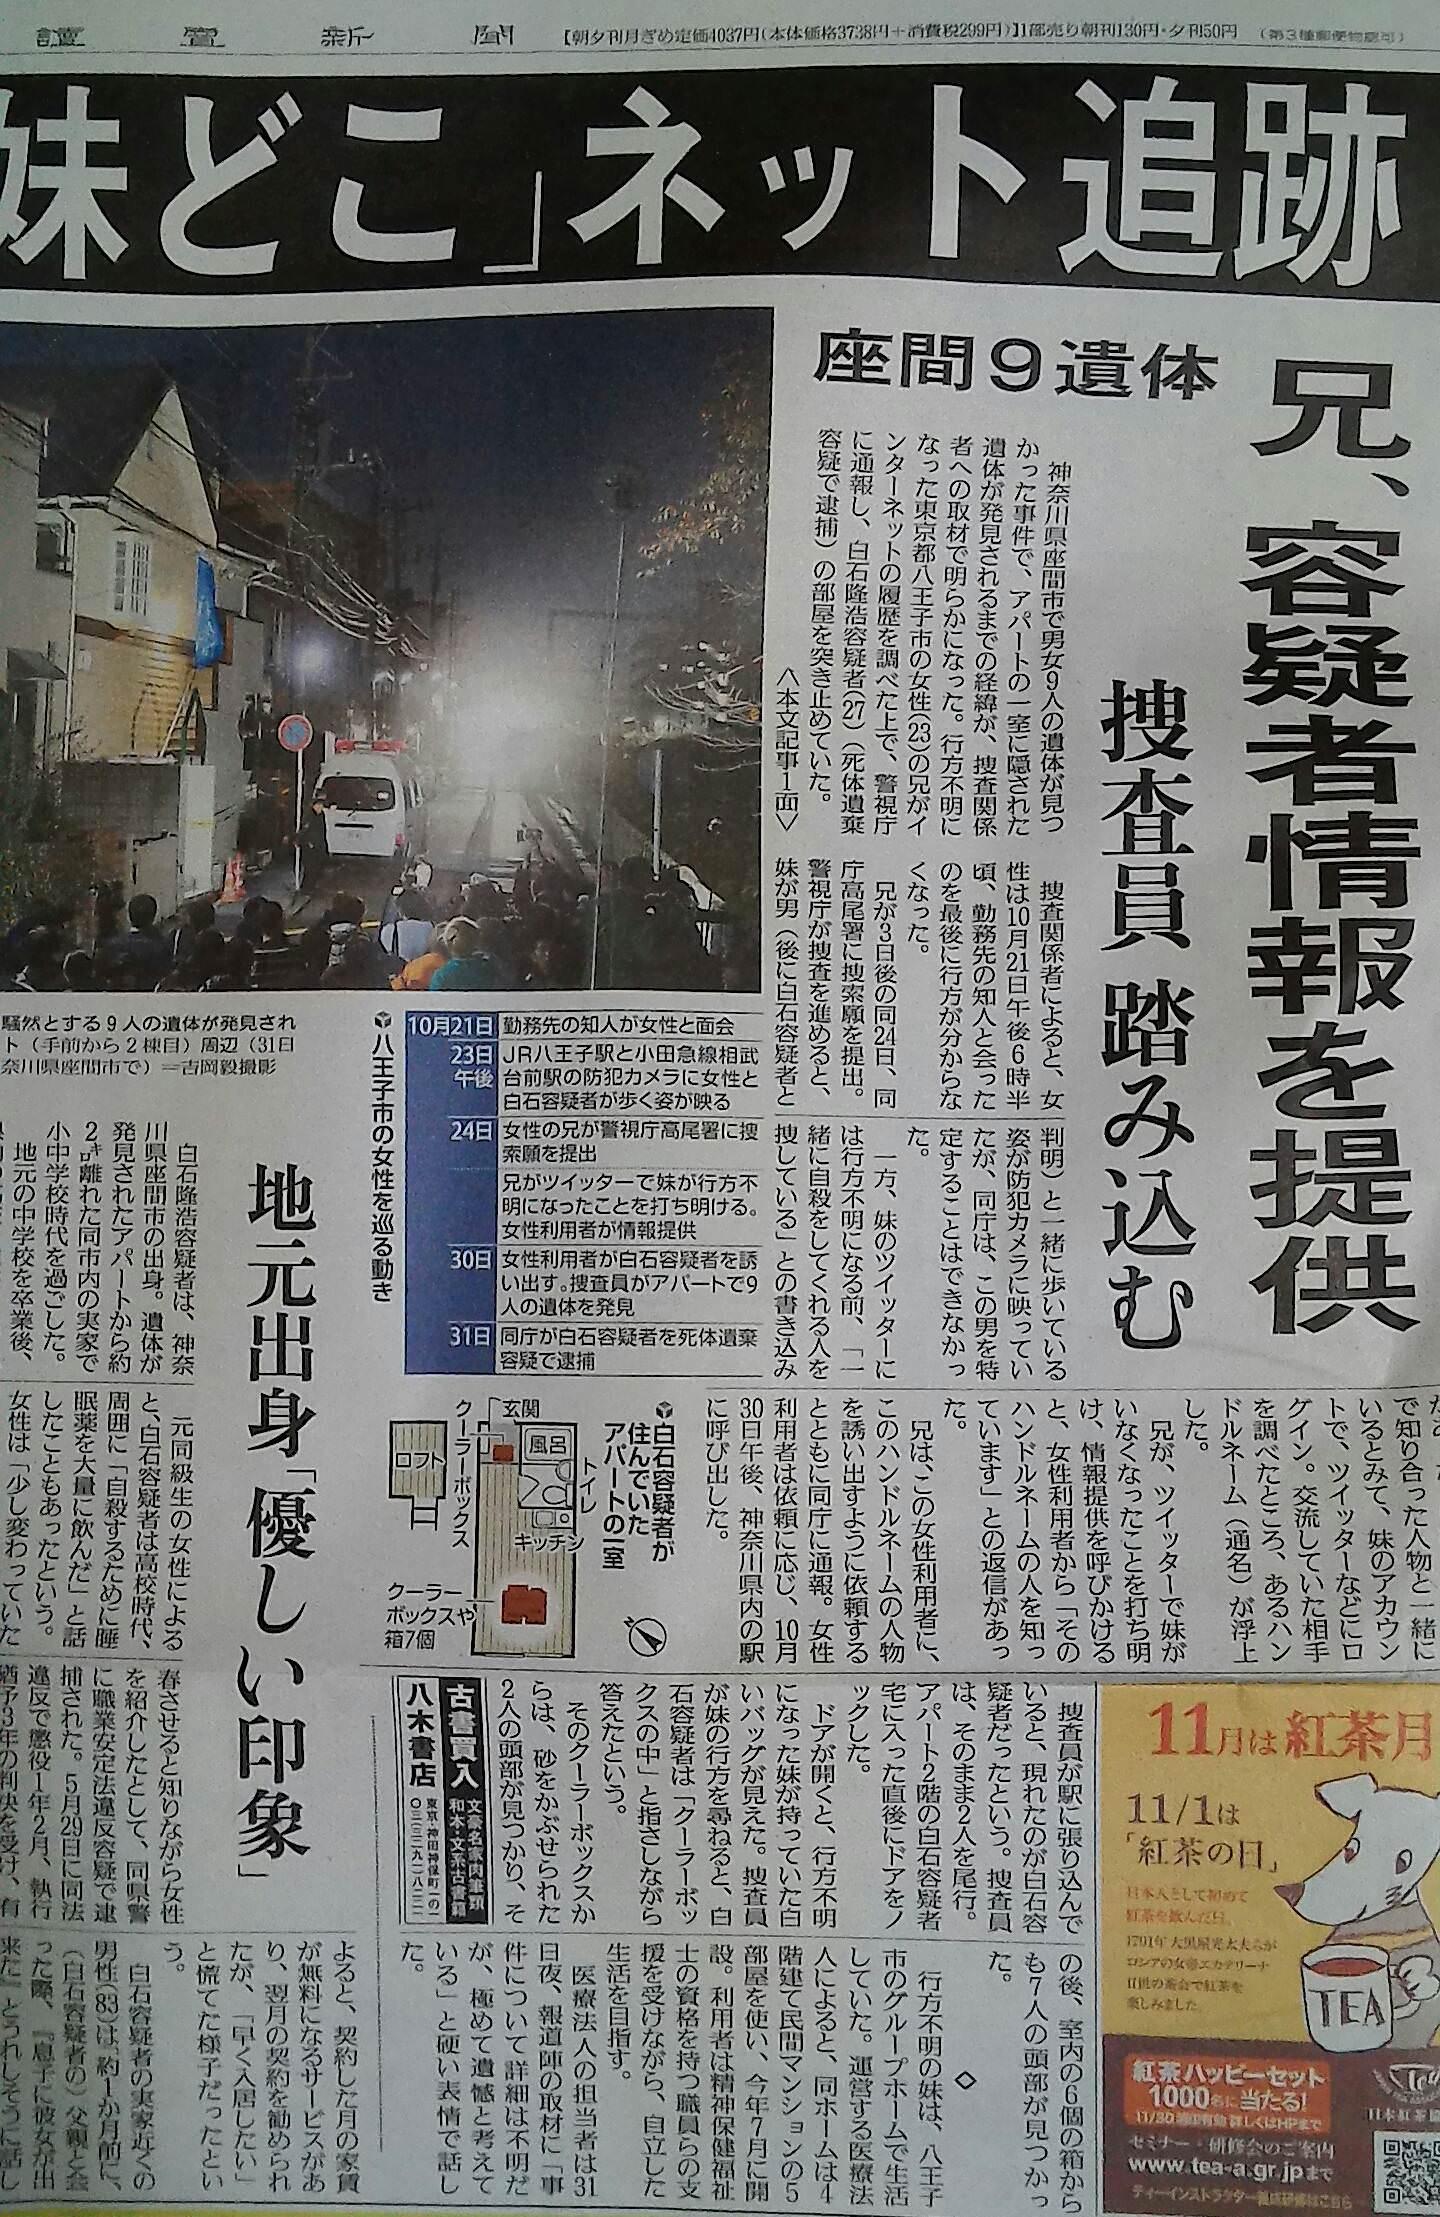 【白石隆浩逮捕】座間のアパートで9人(女性8・男性1)の遺体